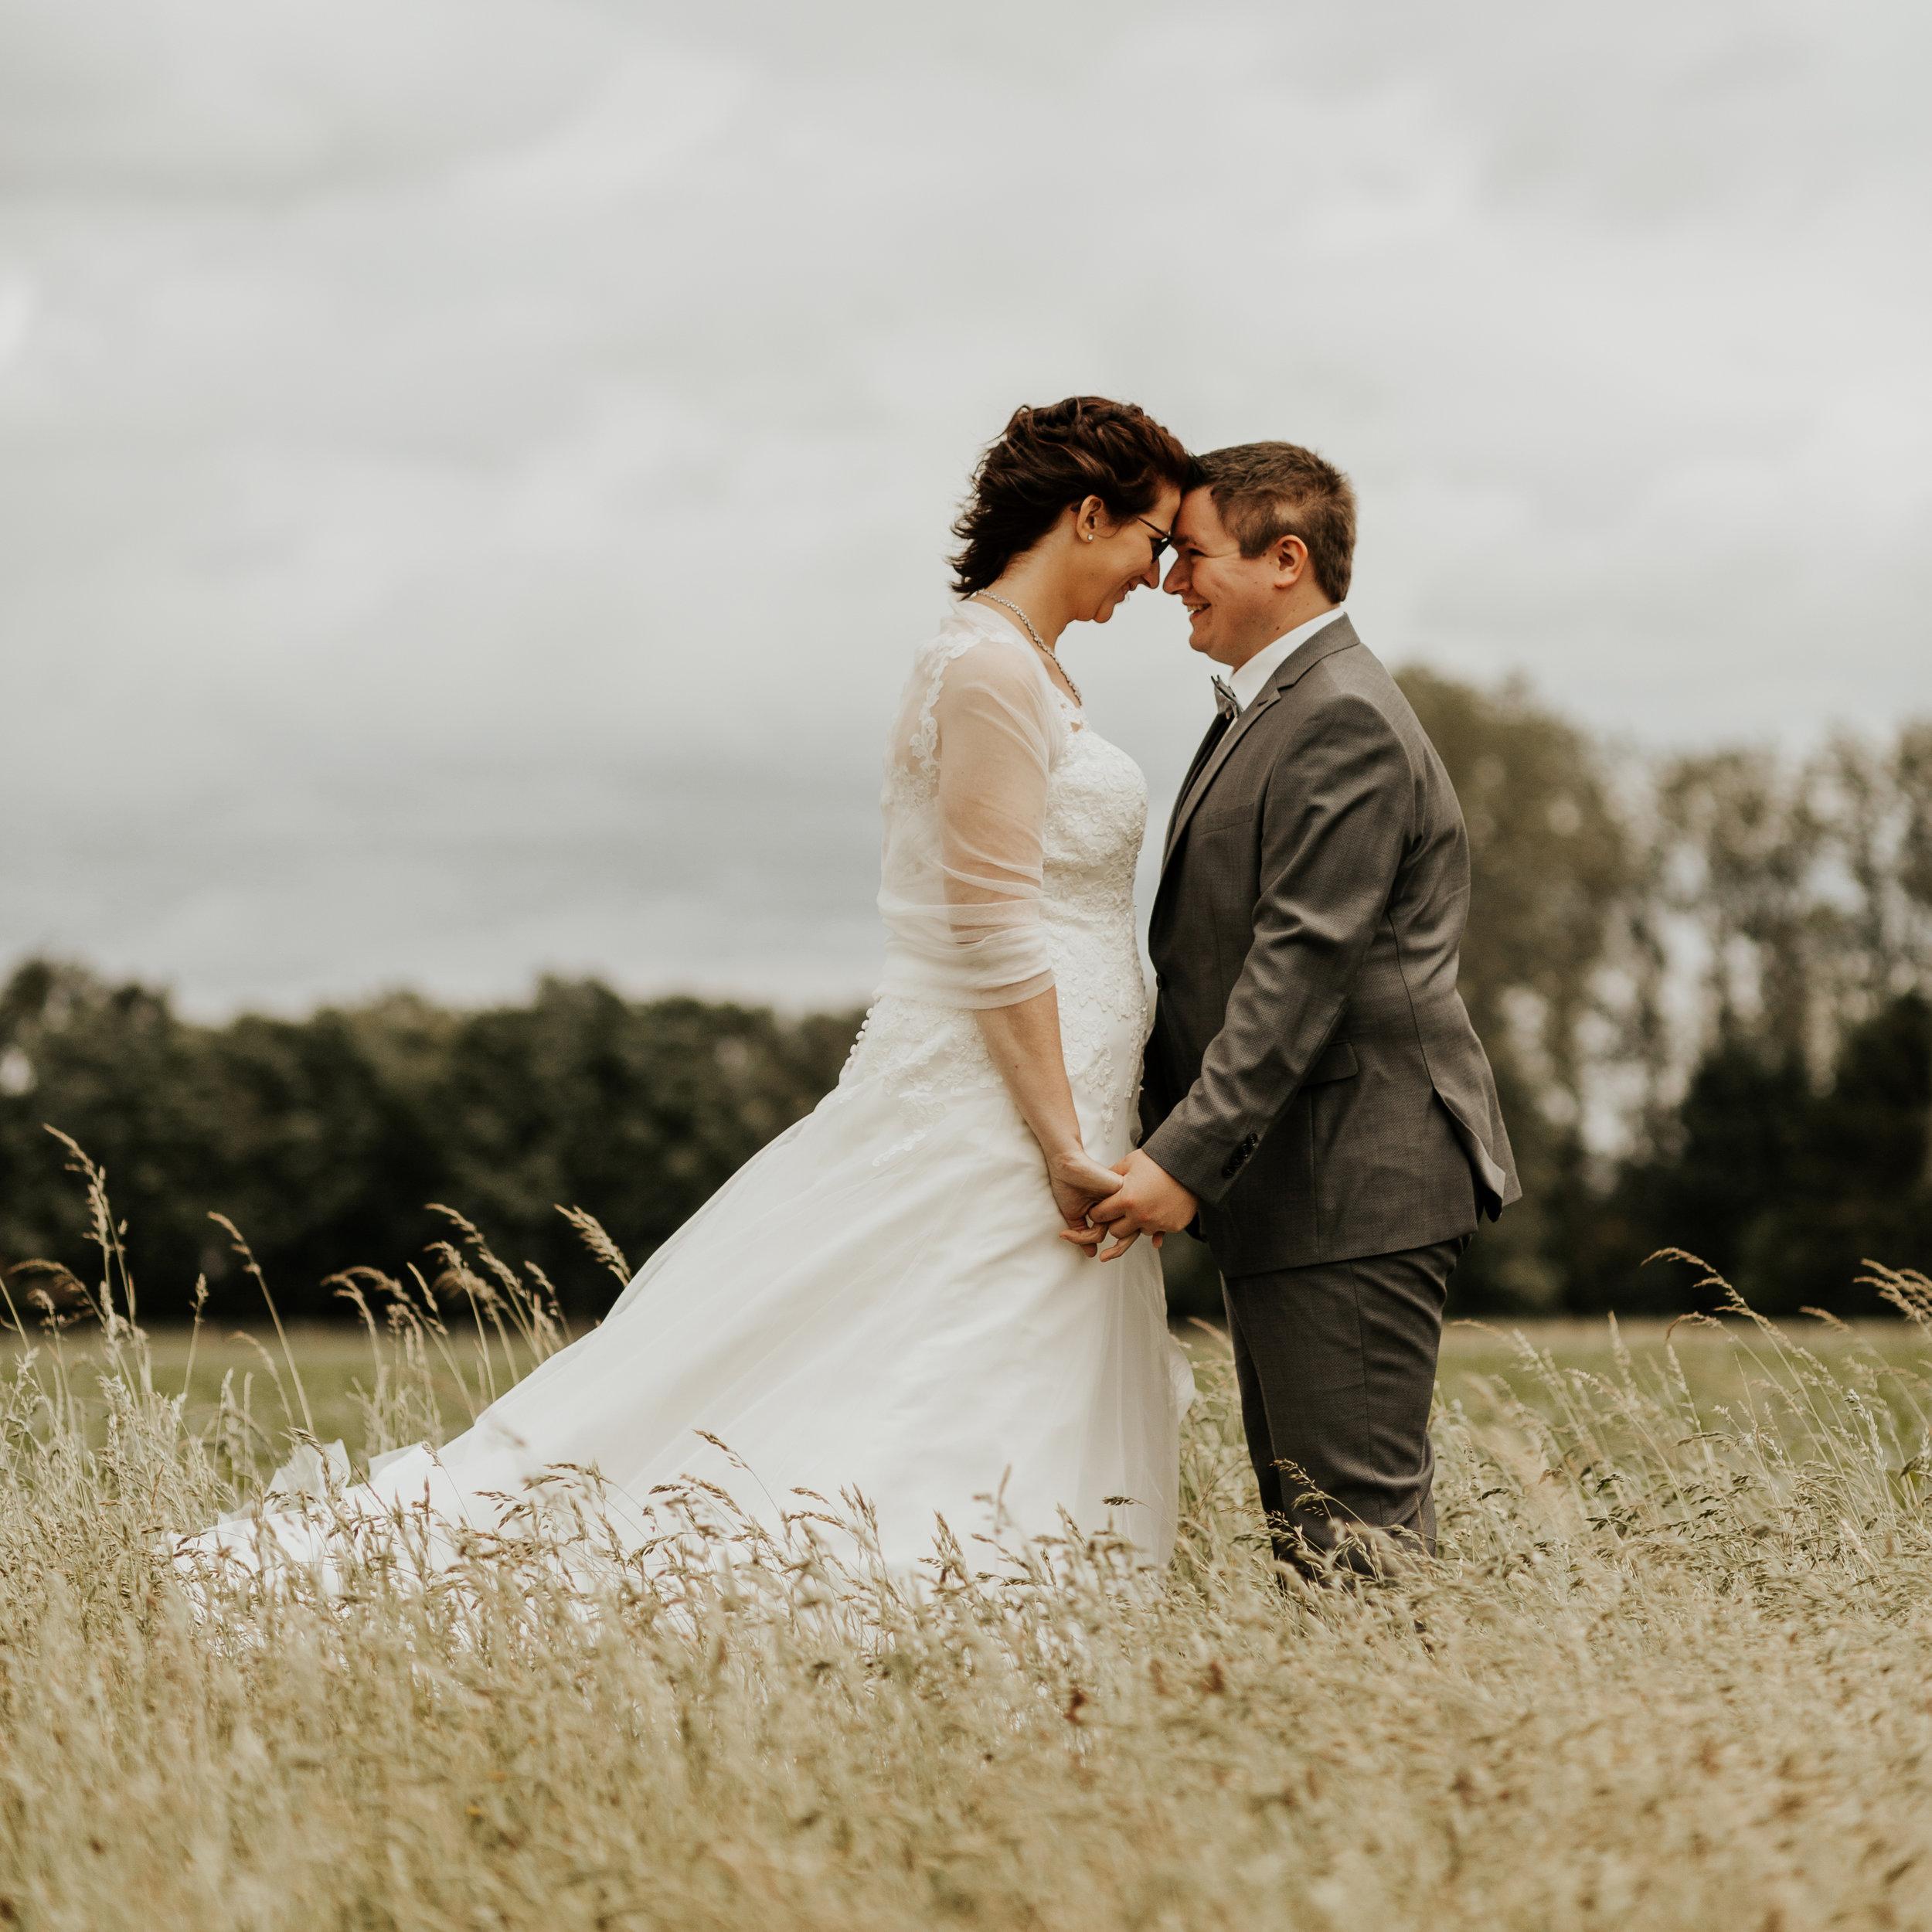 huwelijksfotografie-voortkapel-noorderwijk-herentals-huwelijksfotograaf-antwerpen-lisa-helsen